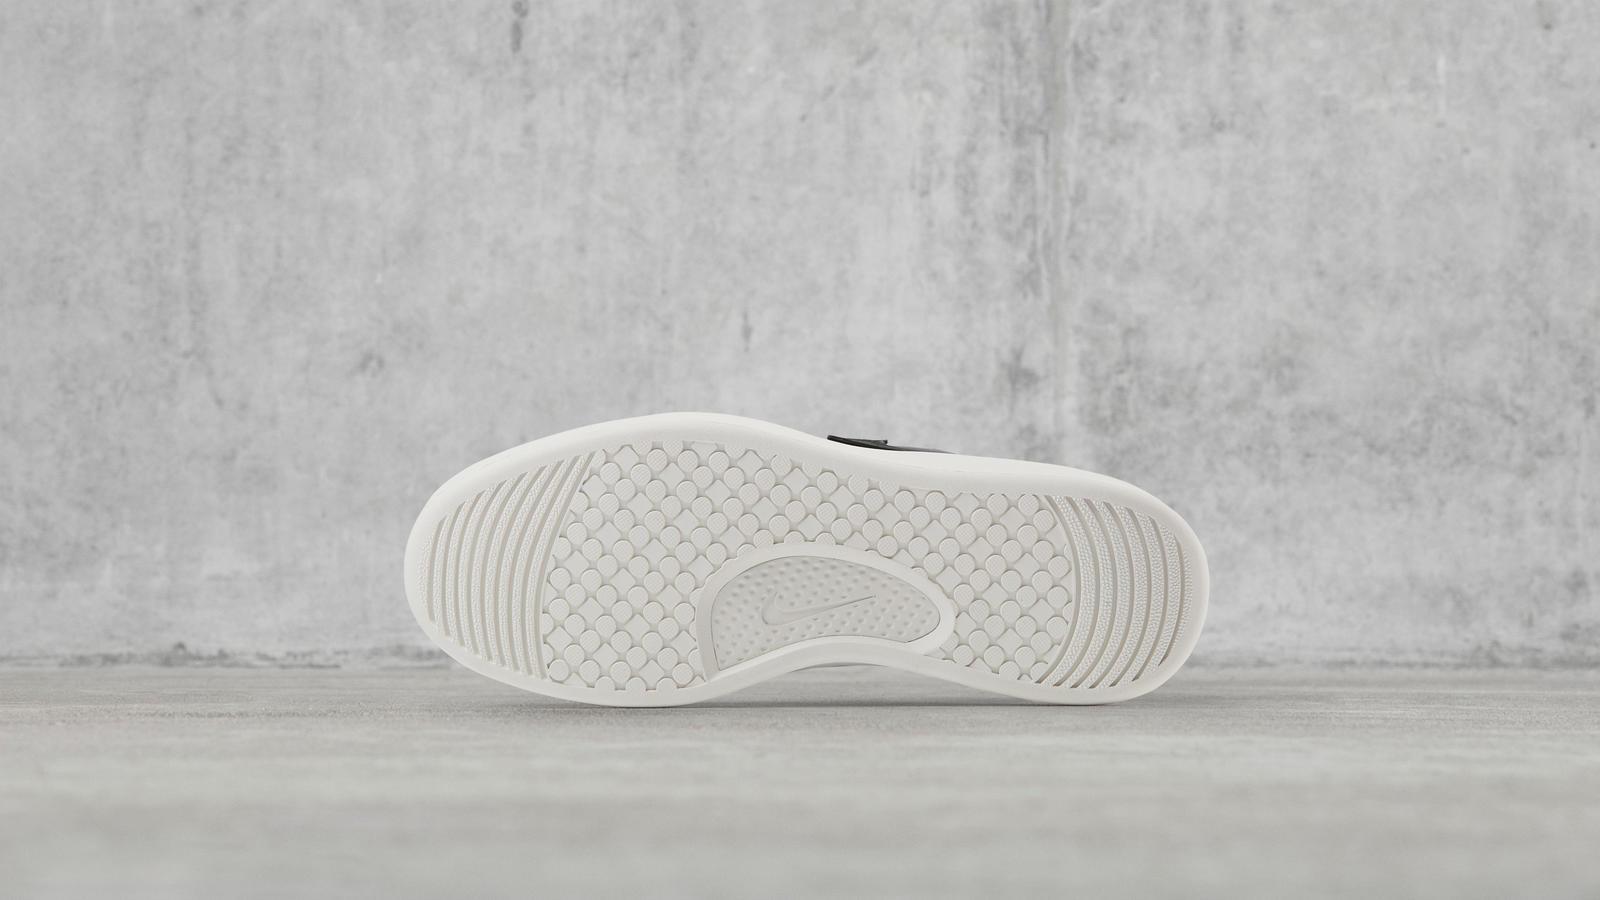 170512 footwear gran volee blk 0357 hd 1600